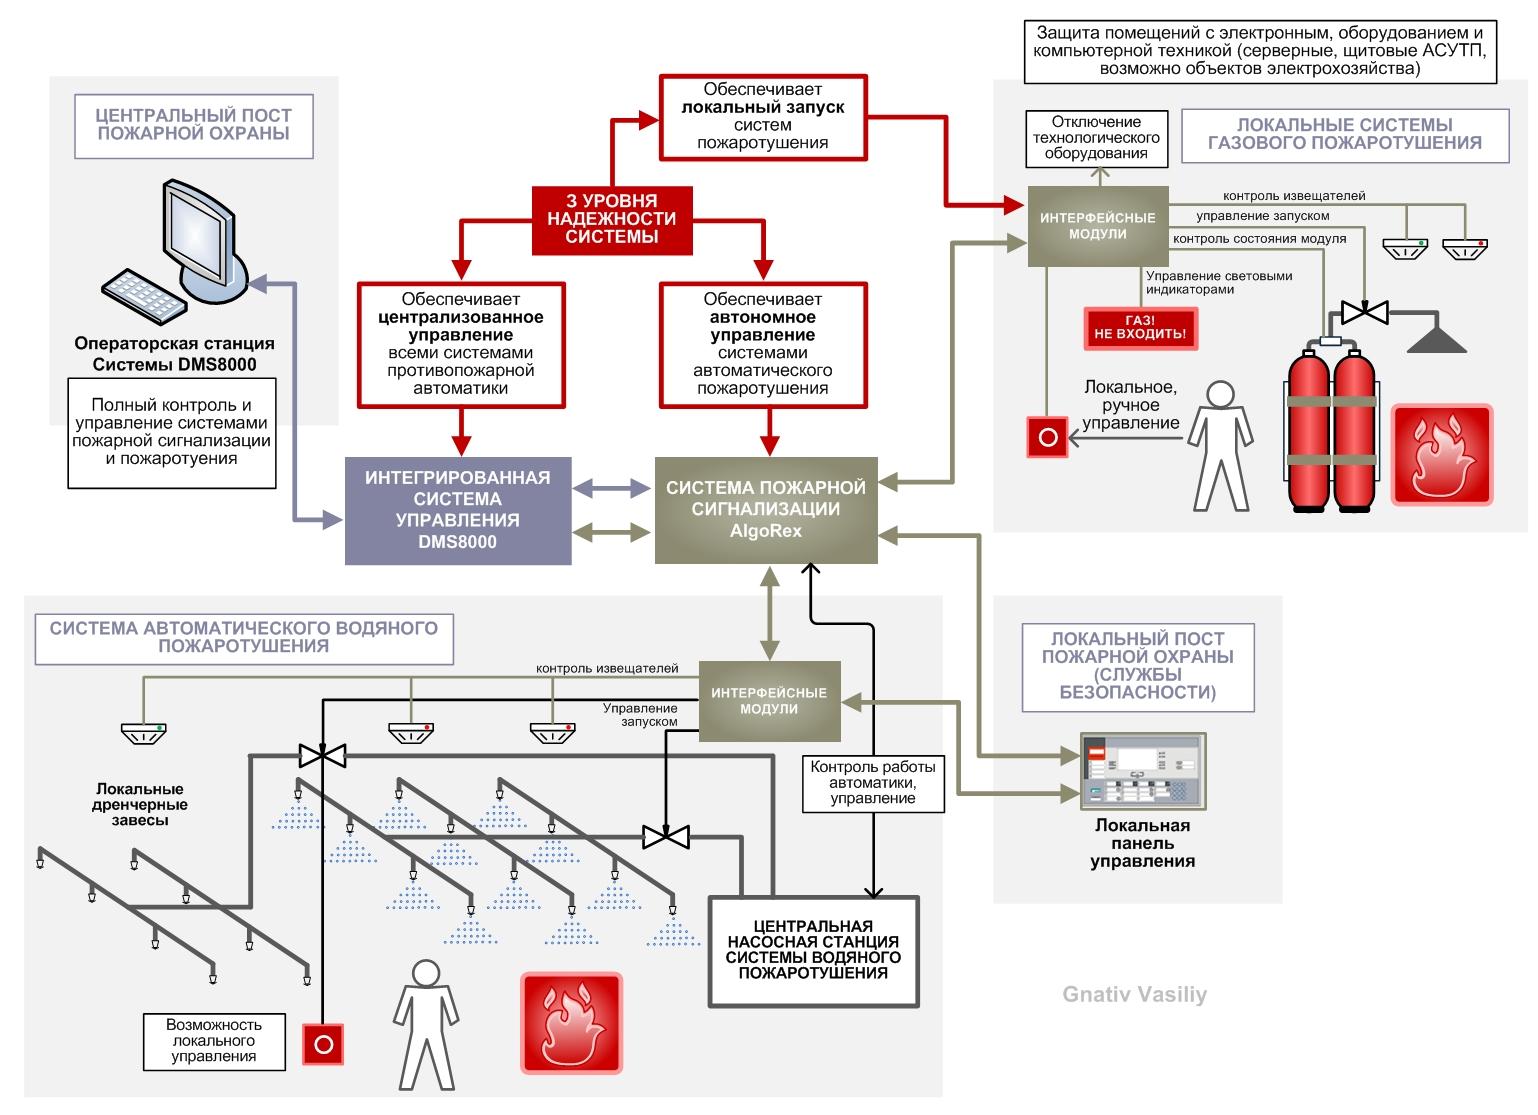 структурная схема видеонаблюдения orwell_new_graf